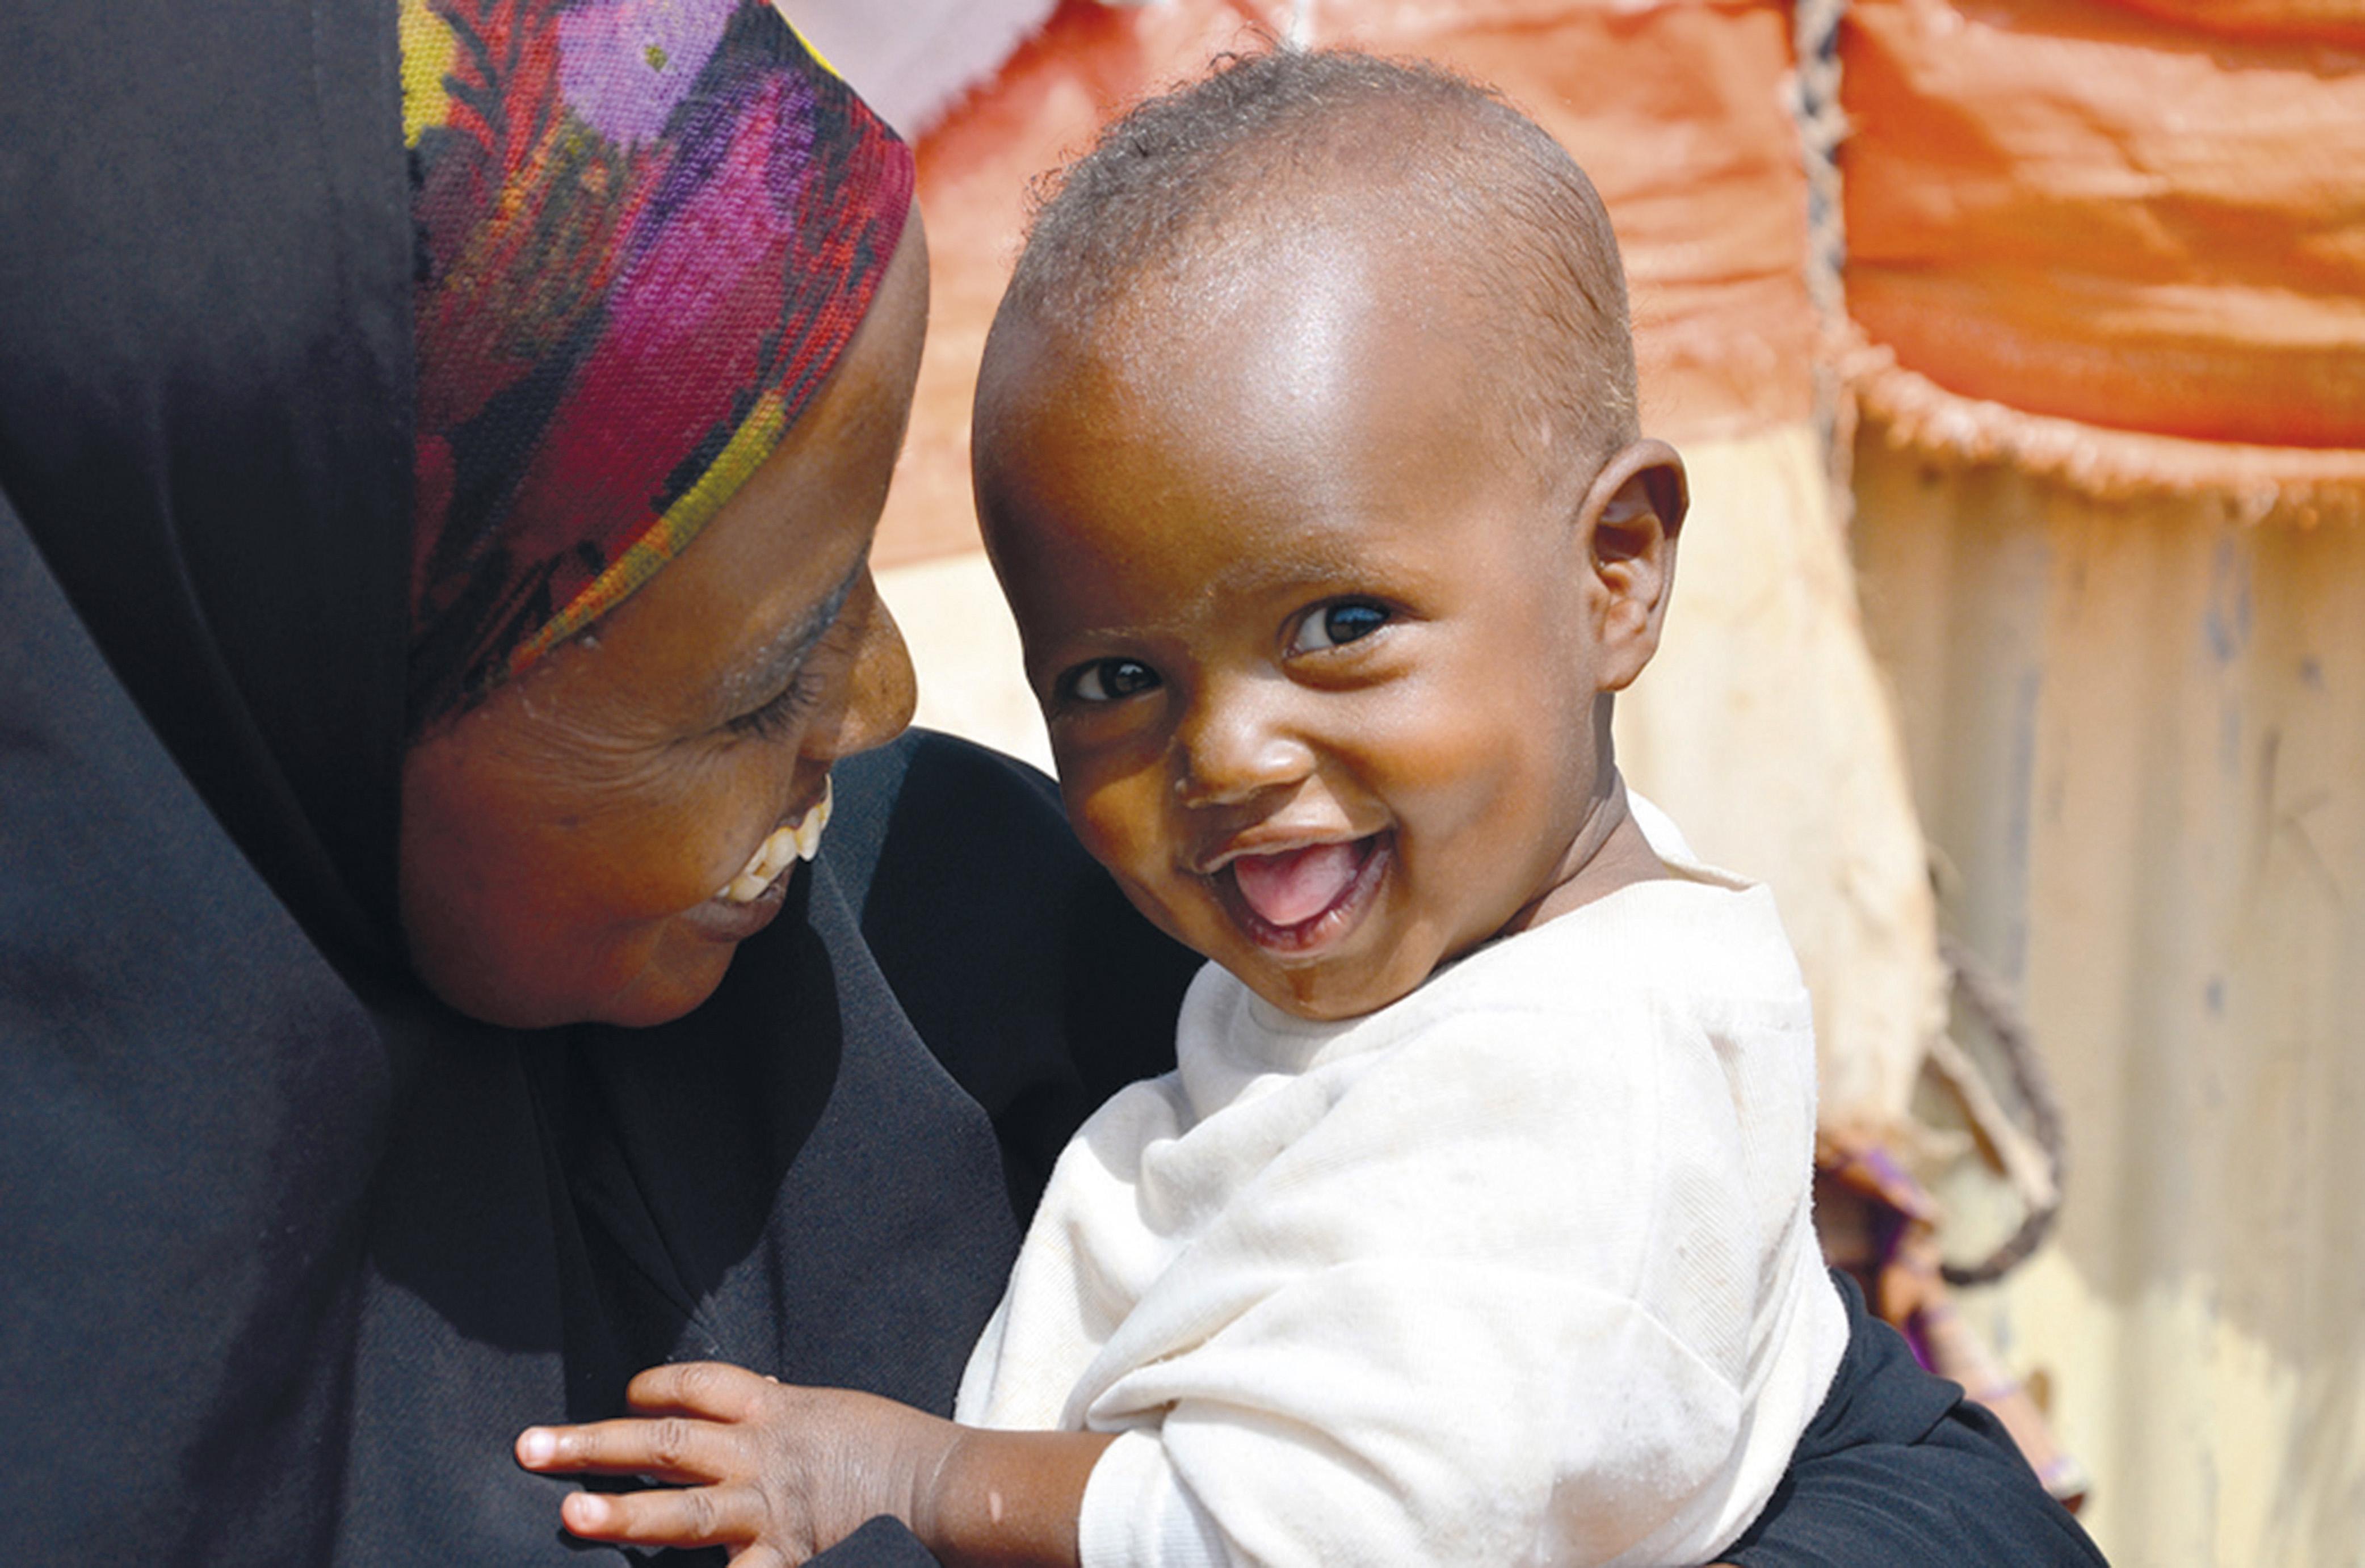 UNI235512/UNICEF